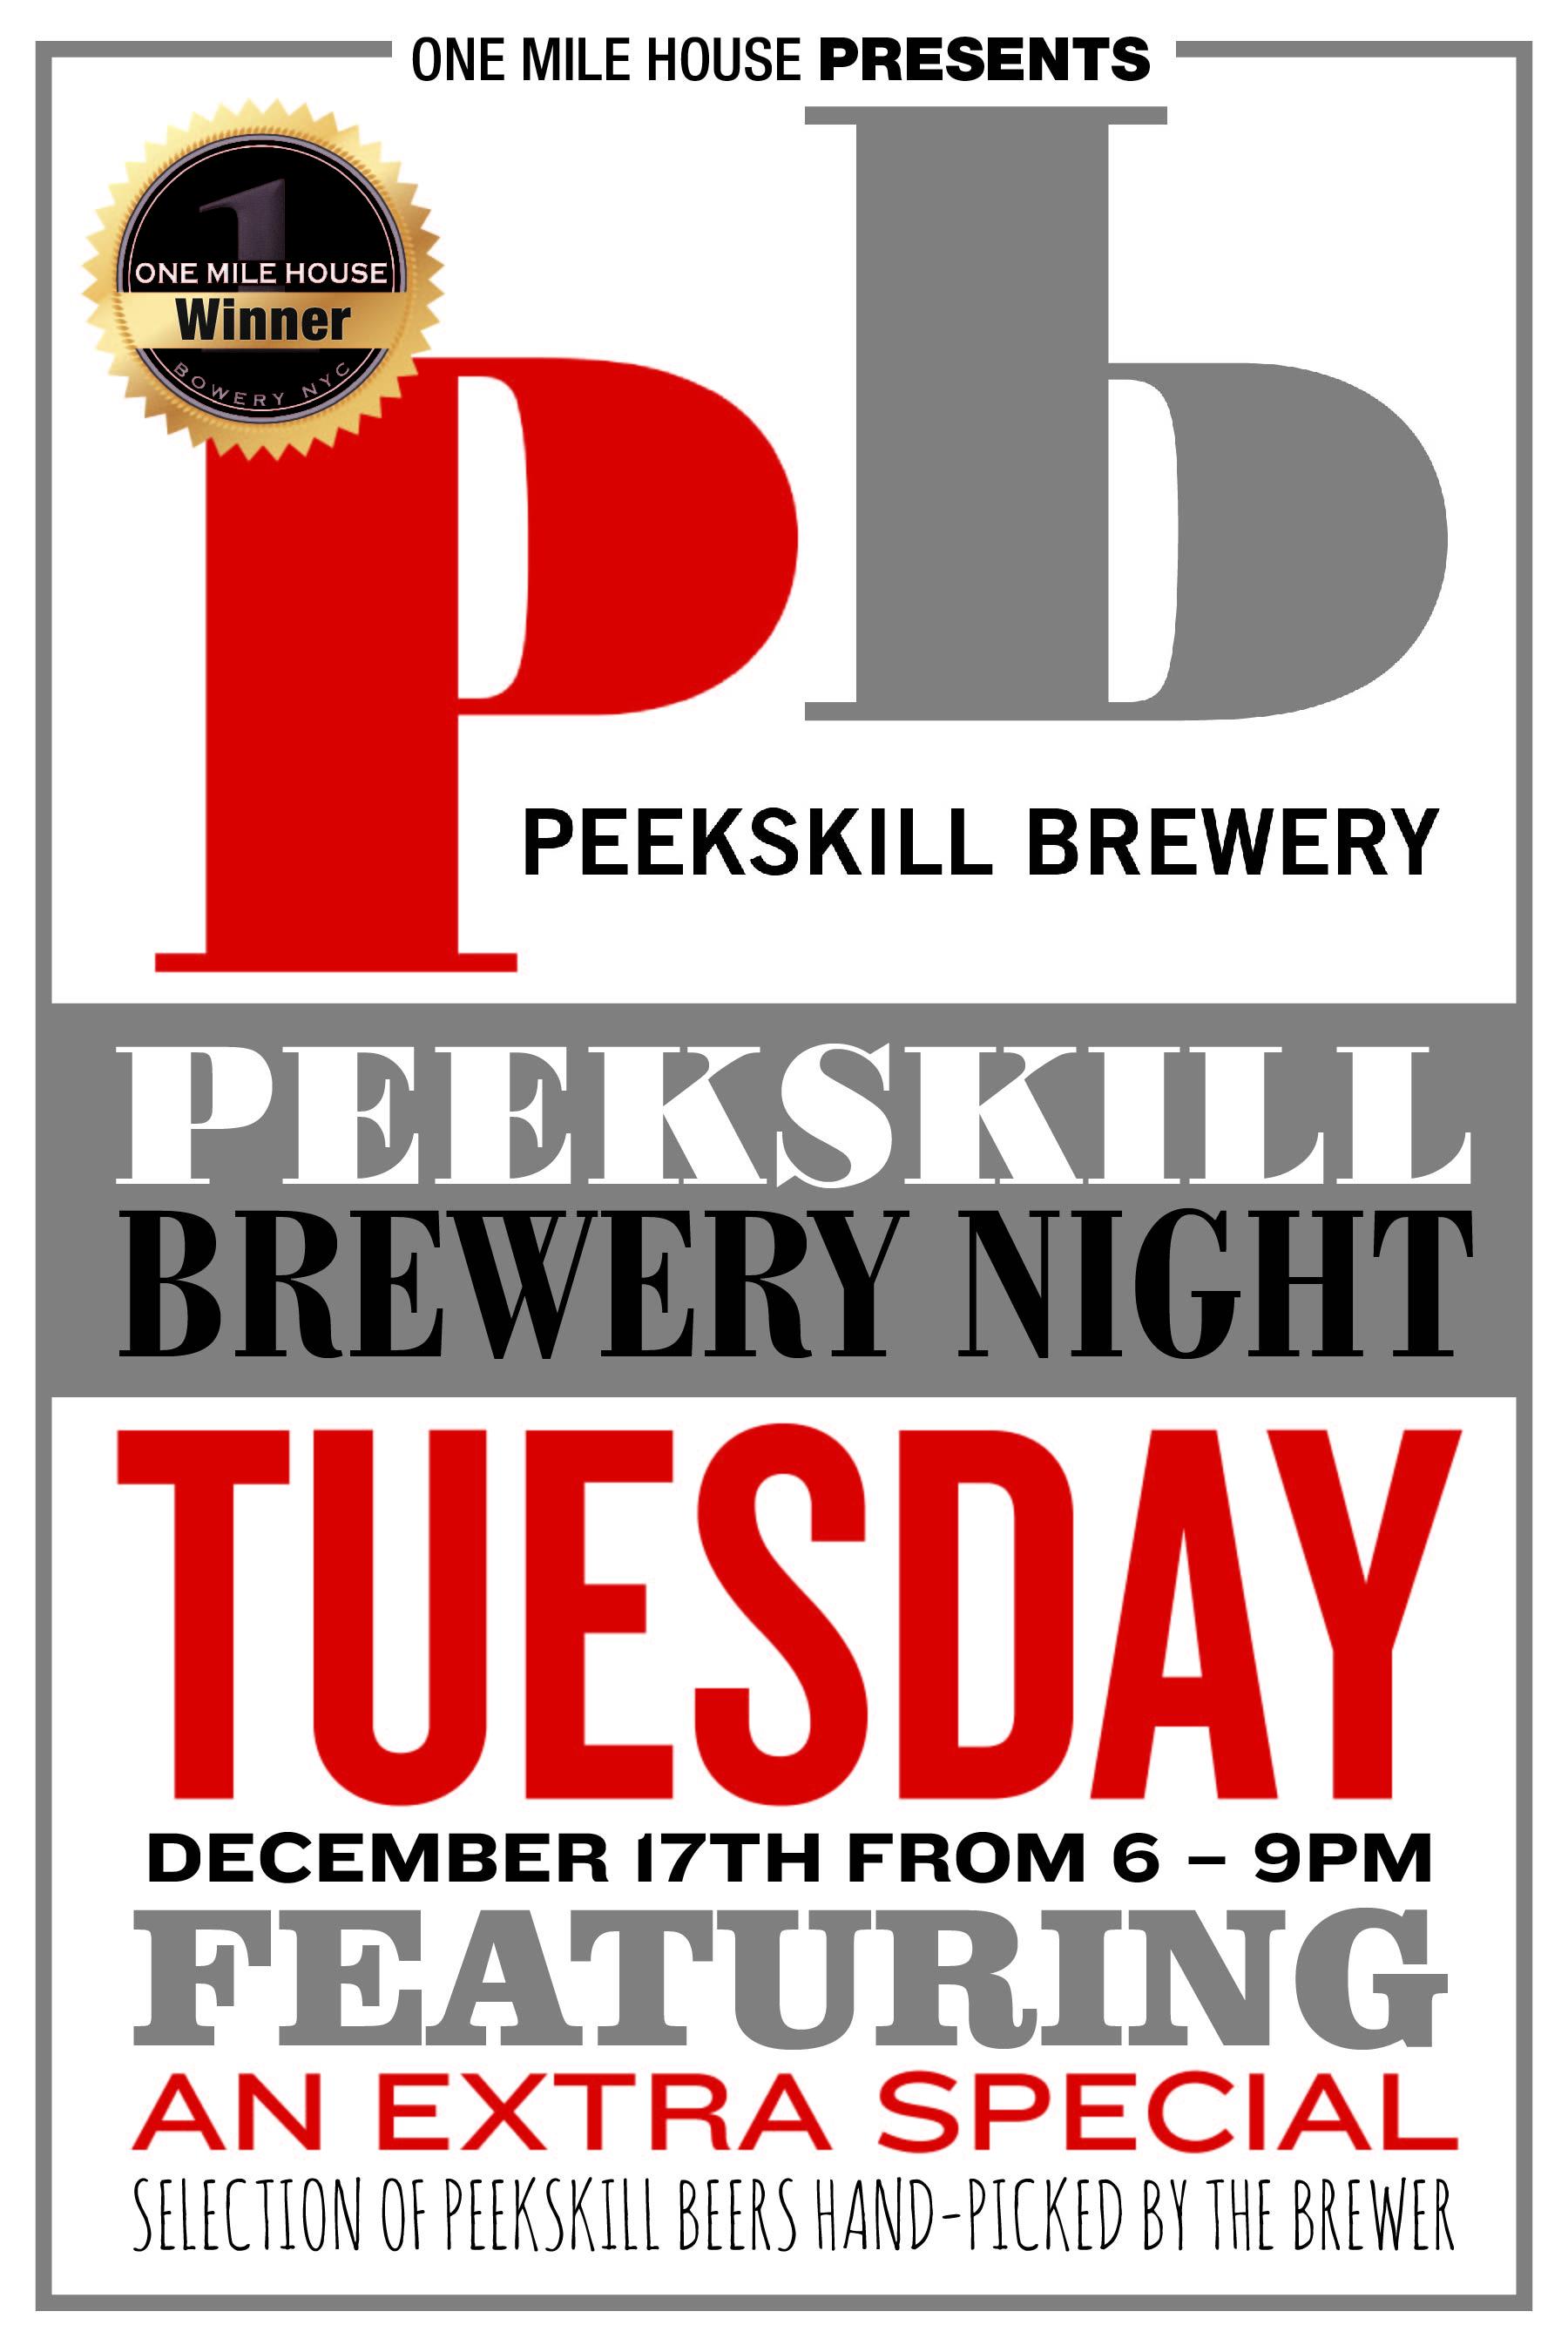 1-Mile-House-Peekskill-Night-Posters-01.jpg